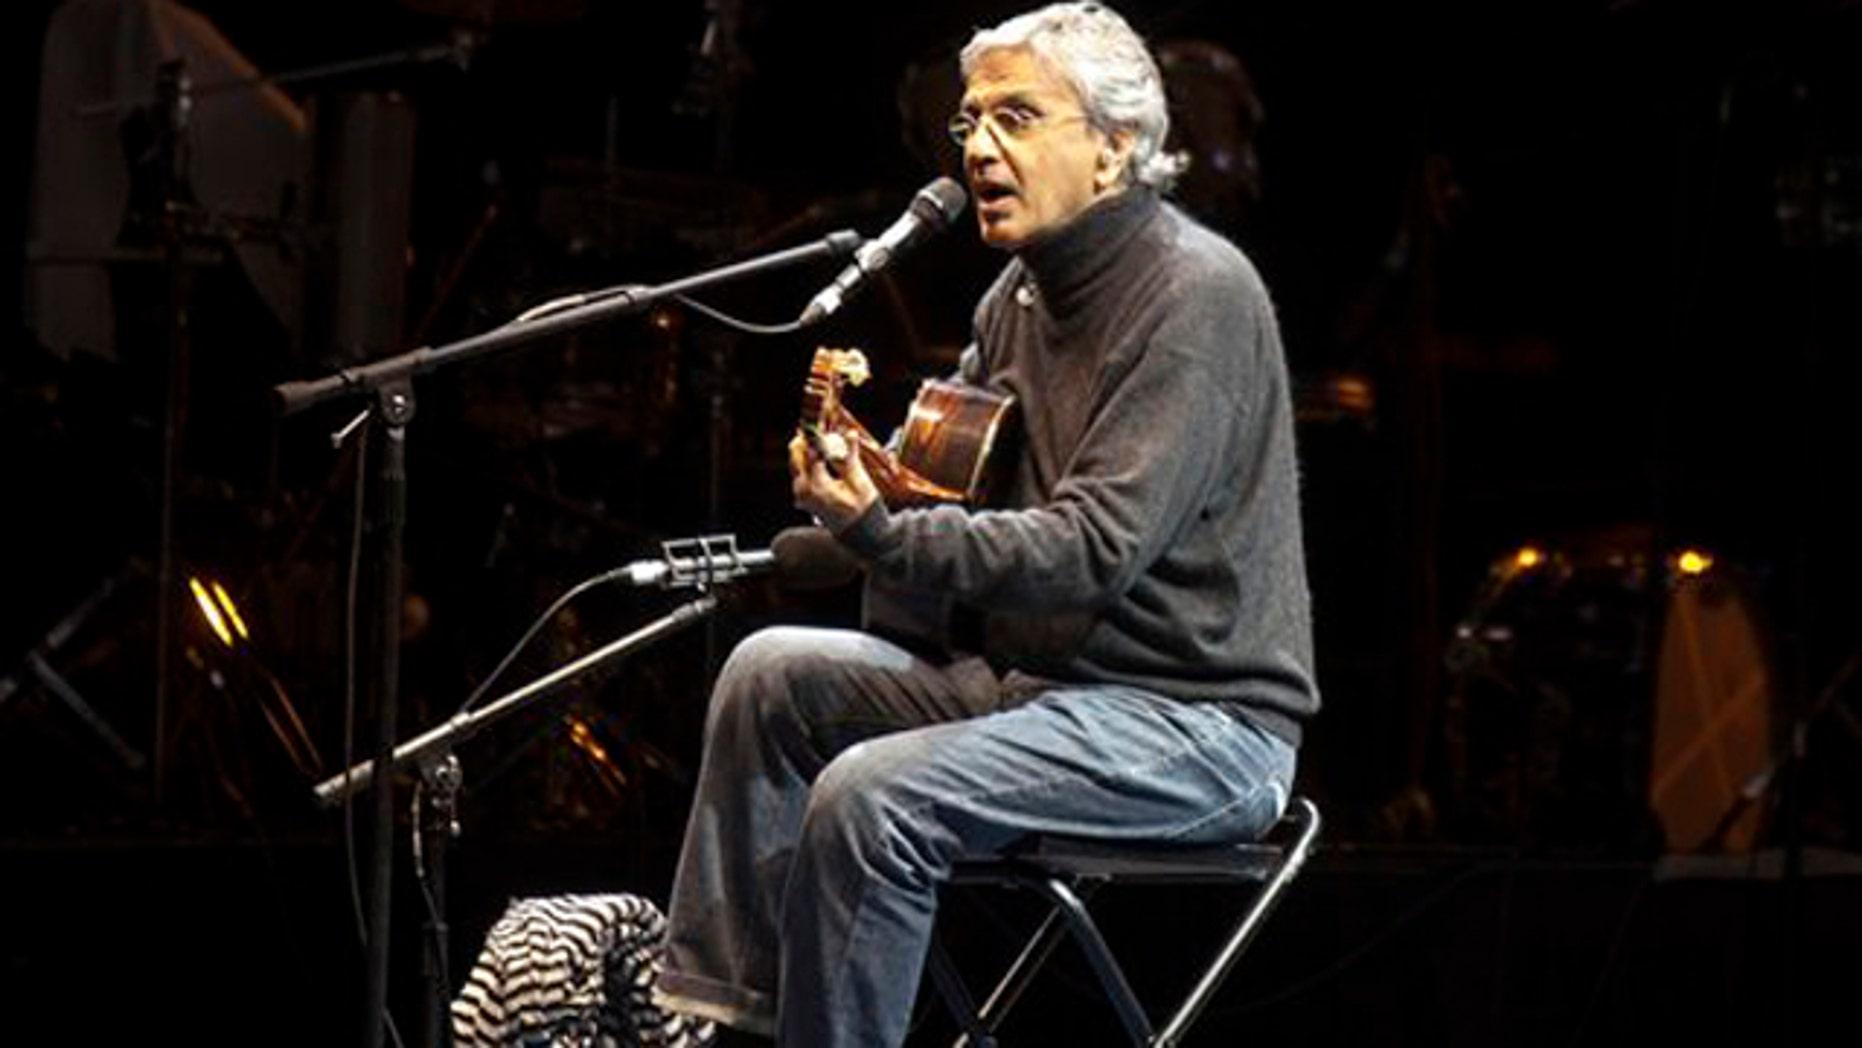 En esta imagen del 10 de febrero del 2010, el músico brasileño Caetano Veloso canta durante las celebraciones del 467o aniversario de Guadalajara, México. La Academia Latina de la Grabación anunció el martes 10 de julio del 2012 que ha seleccionado a Veloso como Persona del Año. (AP Foto/Bernanrdo de Niz, Archivo)